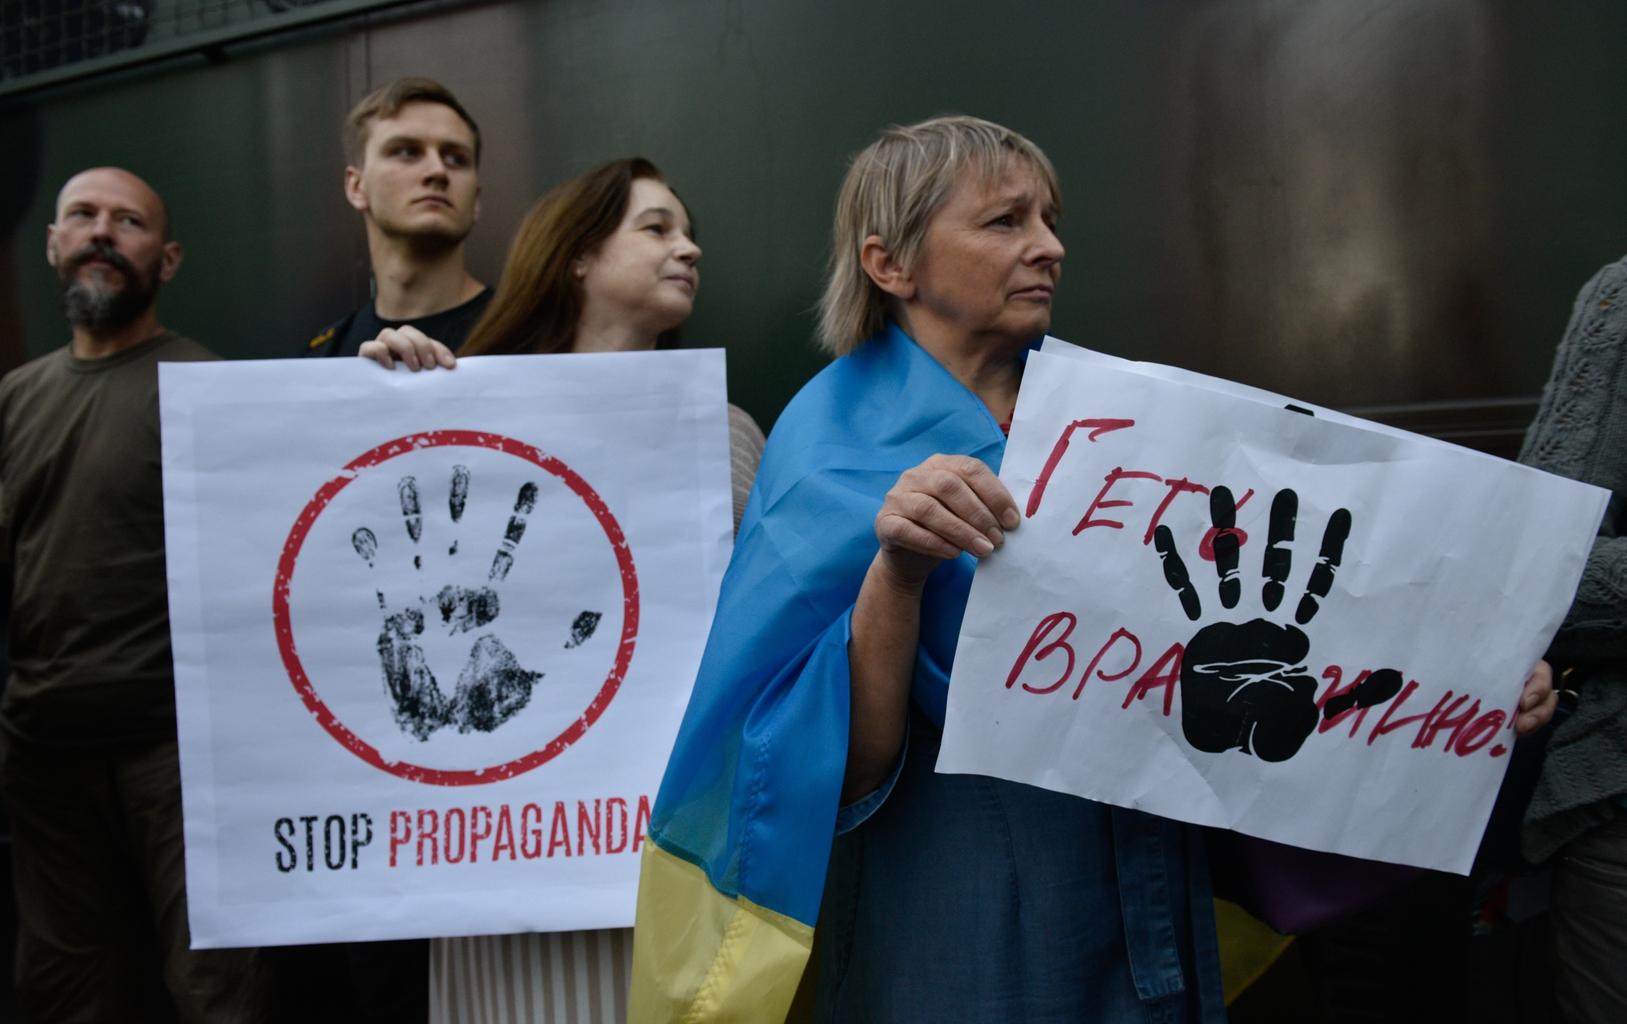 """""""Beszélnünk kell"""" feliratú táblát tart egy tüntető a Televíziós és Rádióműsorok Állami Bizottsága épülete előtt 2019. július 9-én Kijevben tartott demonstráción #moszkvater"""